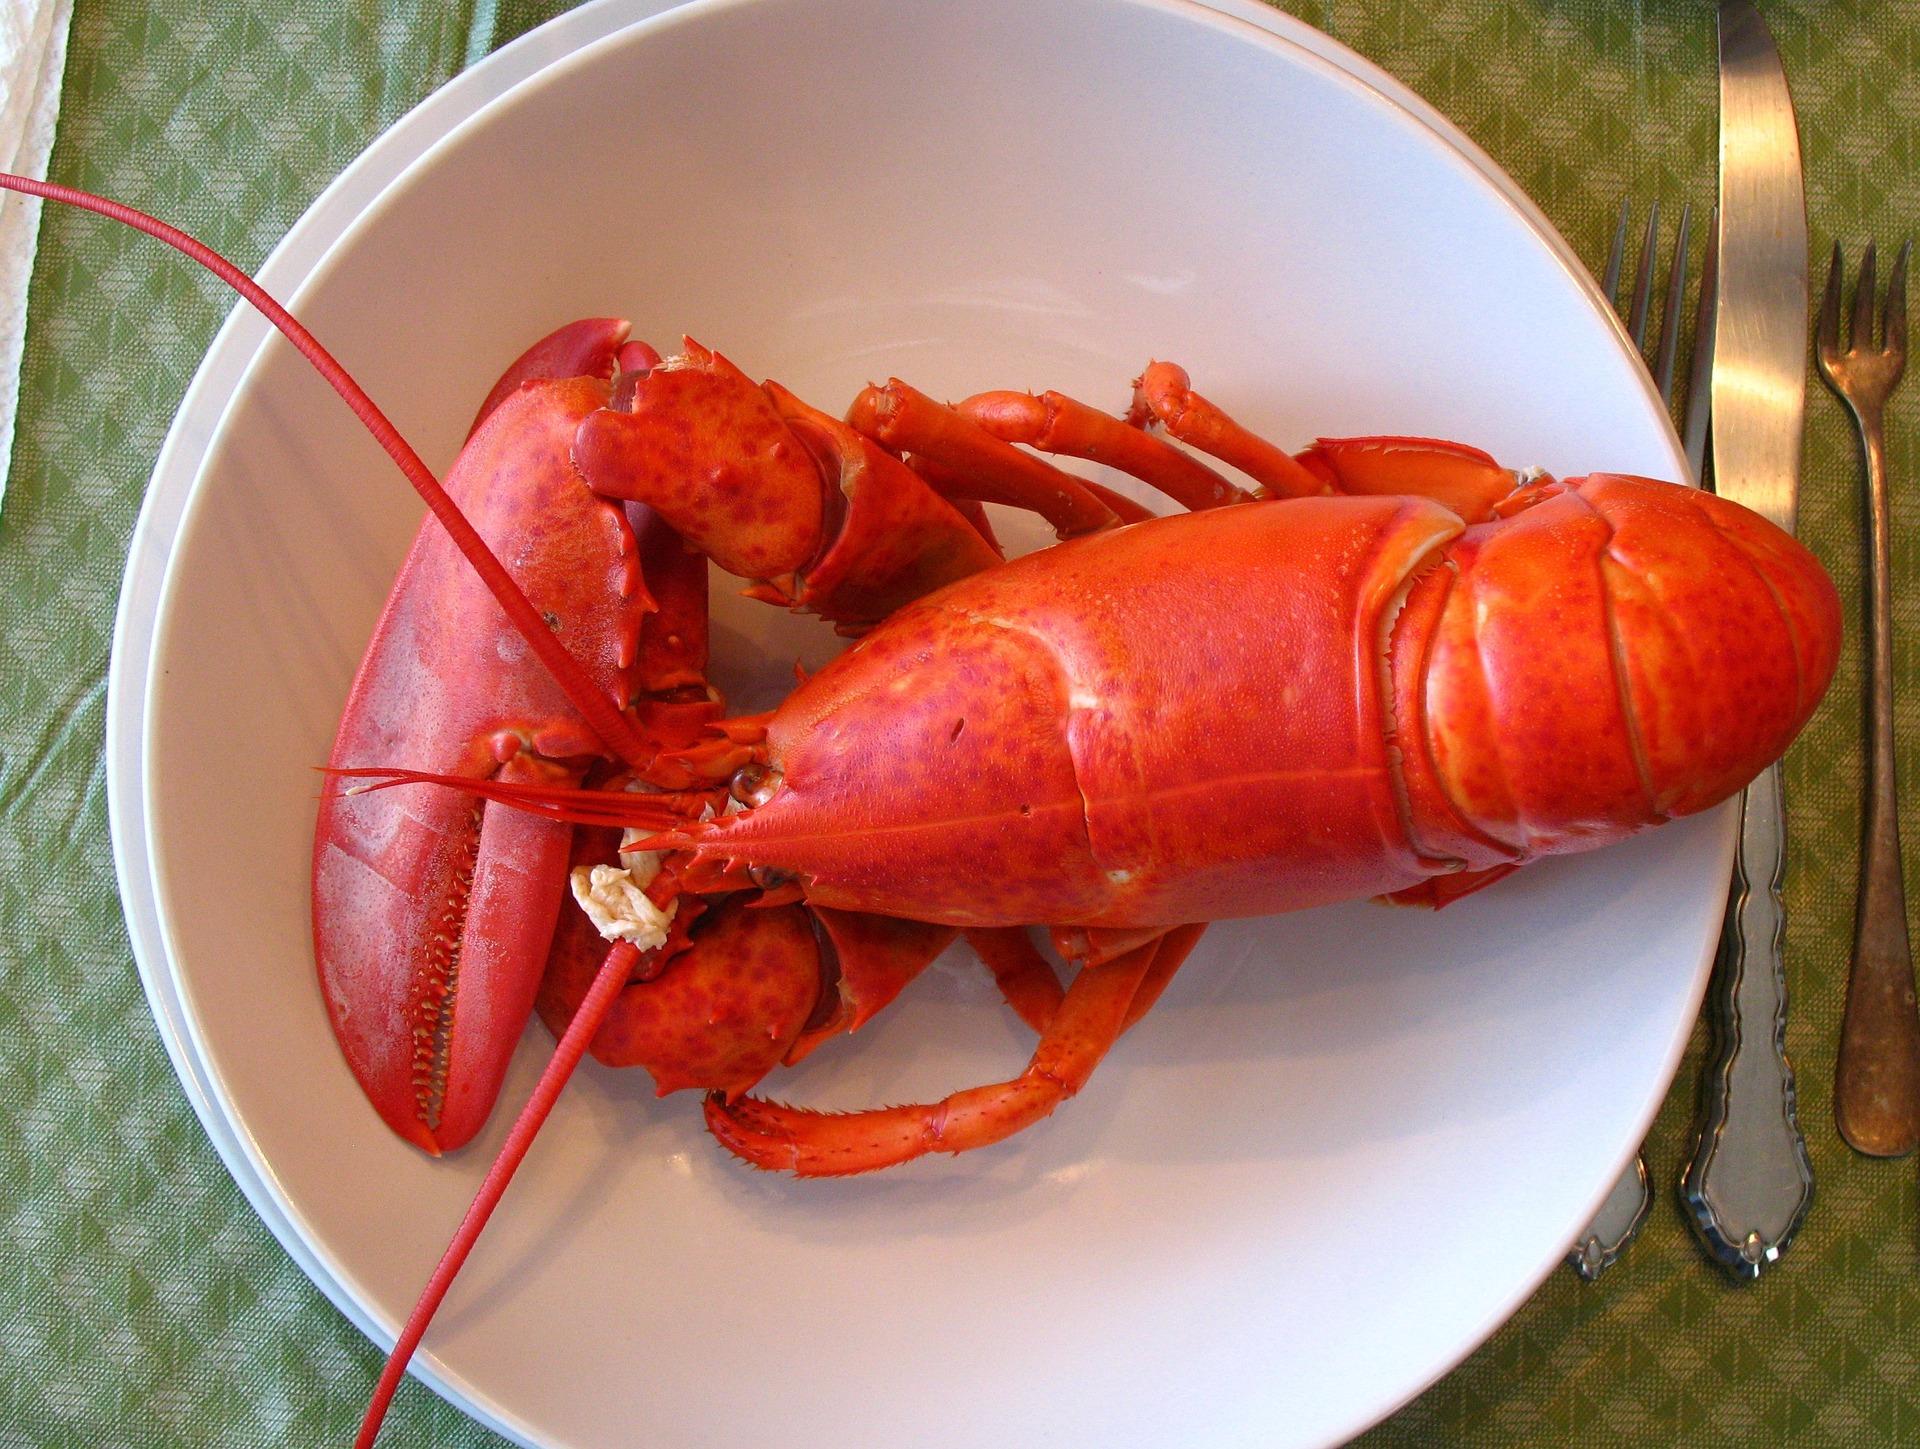 lobster-1089140_1920.jpg